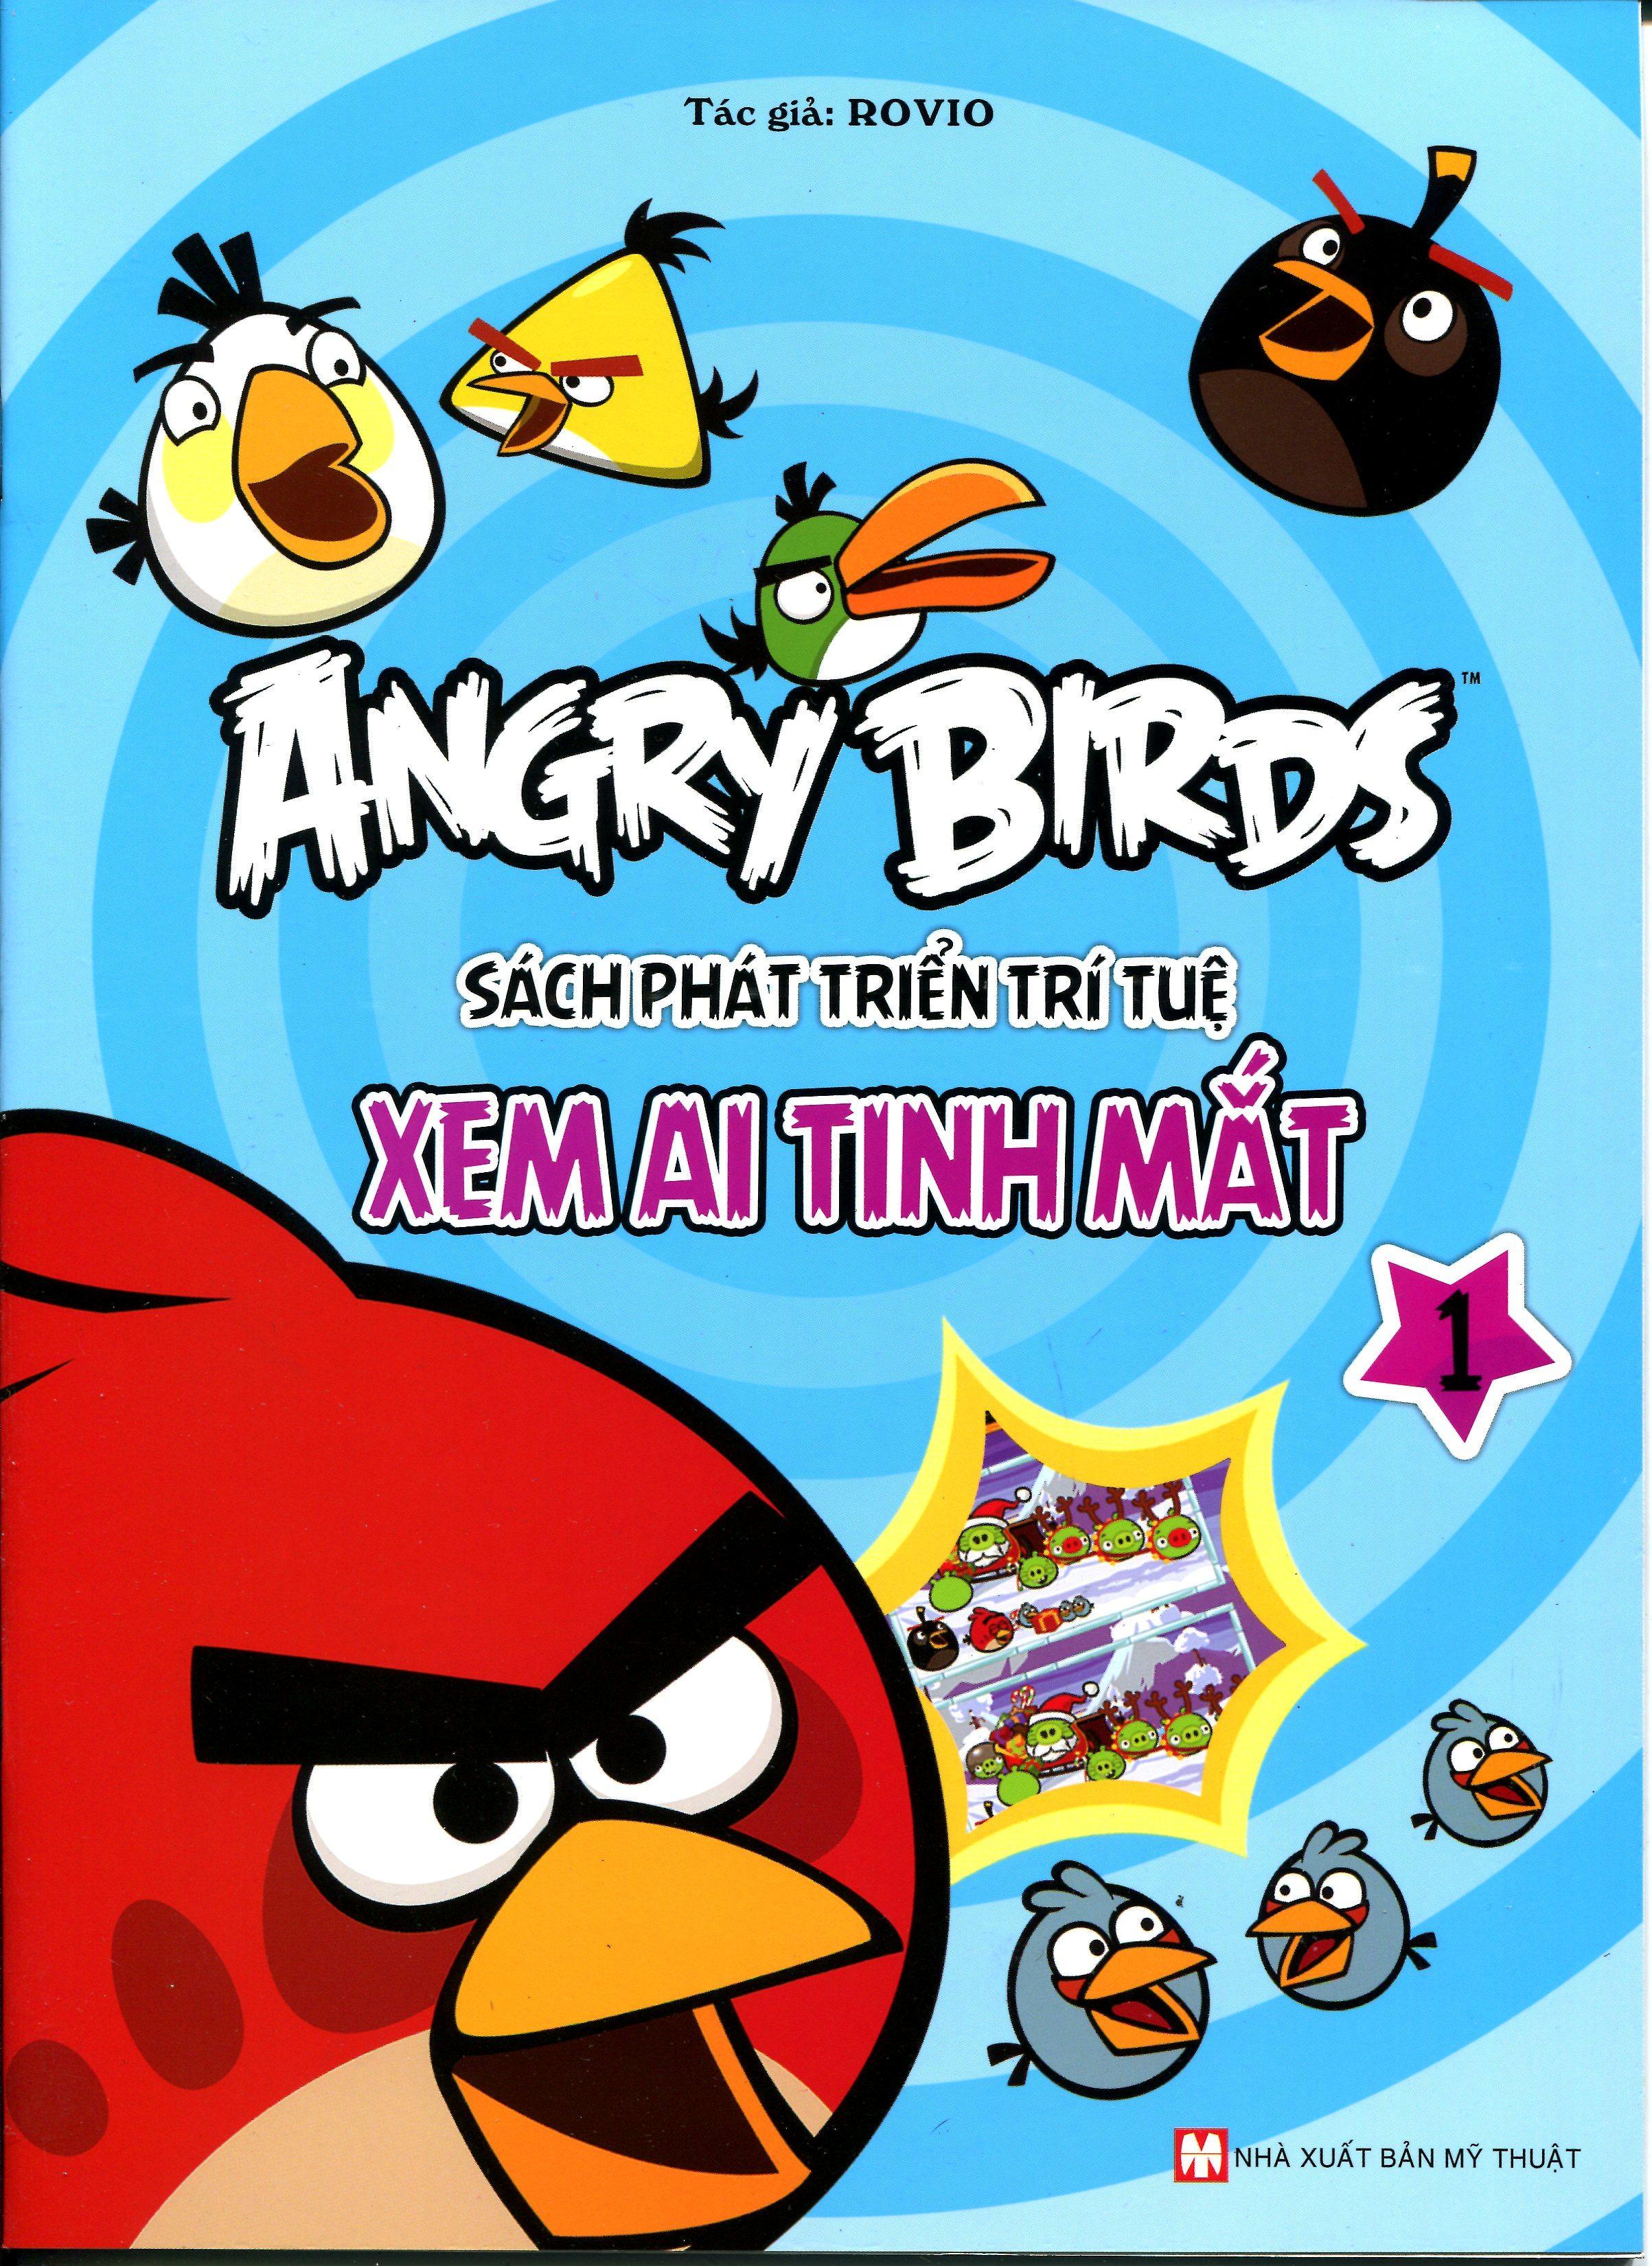 Bìa sách Angry Birds - Sách Phát Triển Trí Tuệ Xem Ai Tinh Mắt 1